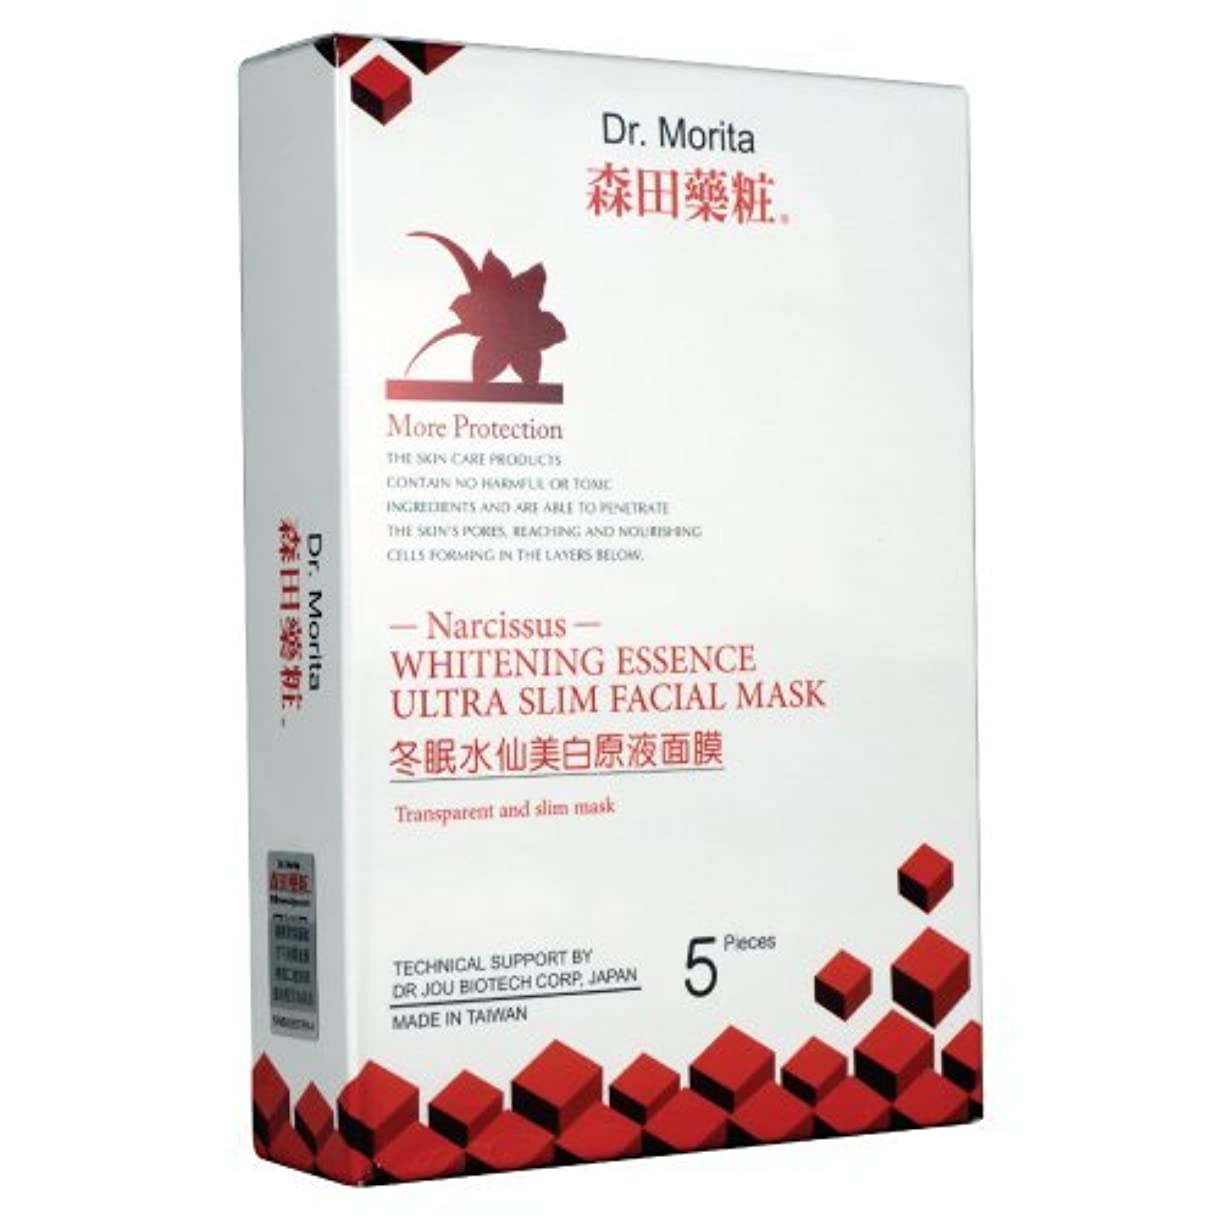 レンダリングくびれた動かないDoctor Morita ナルシス白いマスク-5薄い皮膚の傷に、皮膚若々しく、健康な状態を保つ美白含まれています